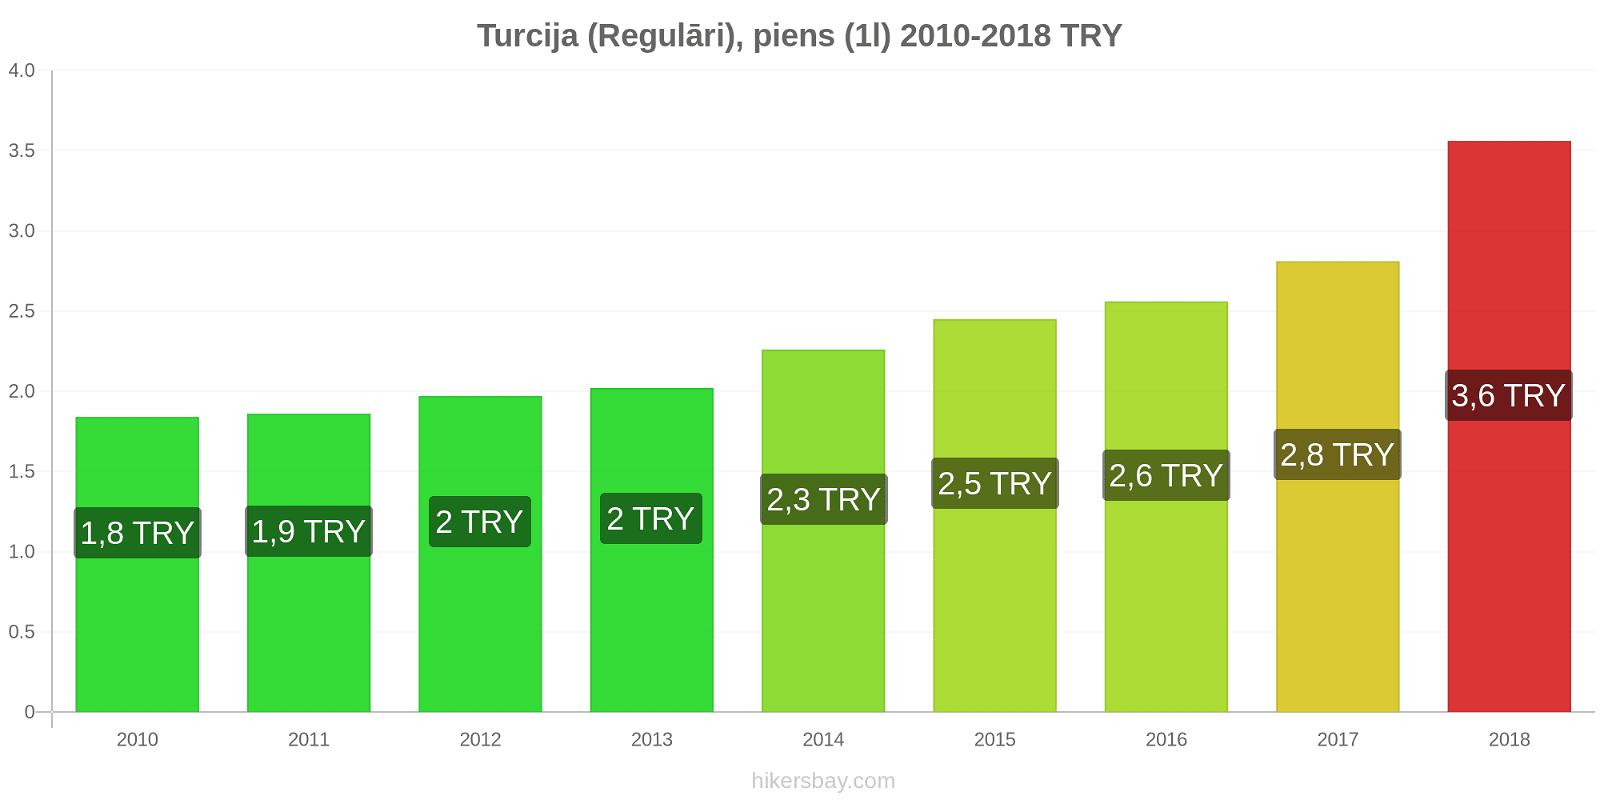 Turcija cenu izmaiņas (Regulāri), piens (1l) hikersbay.com